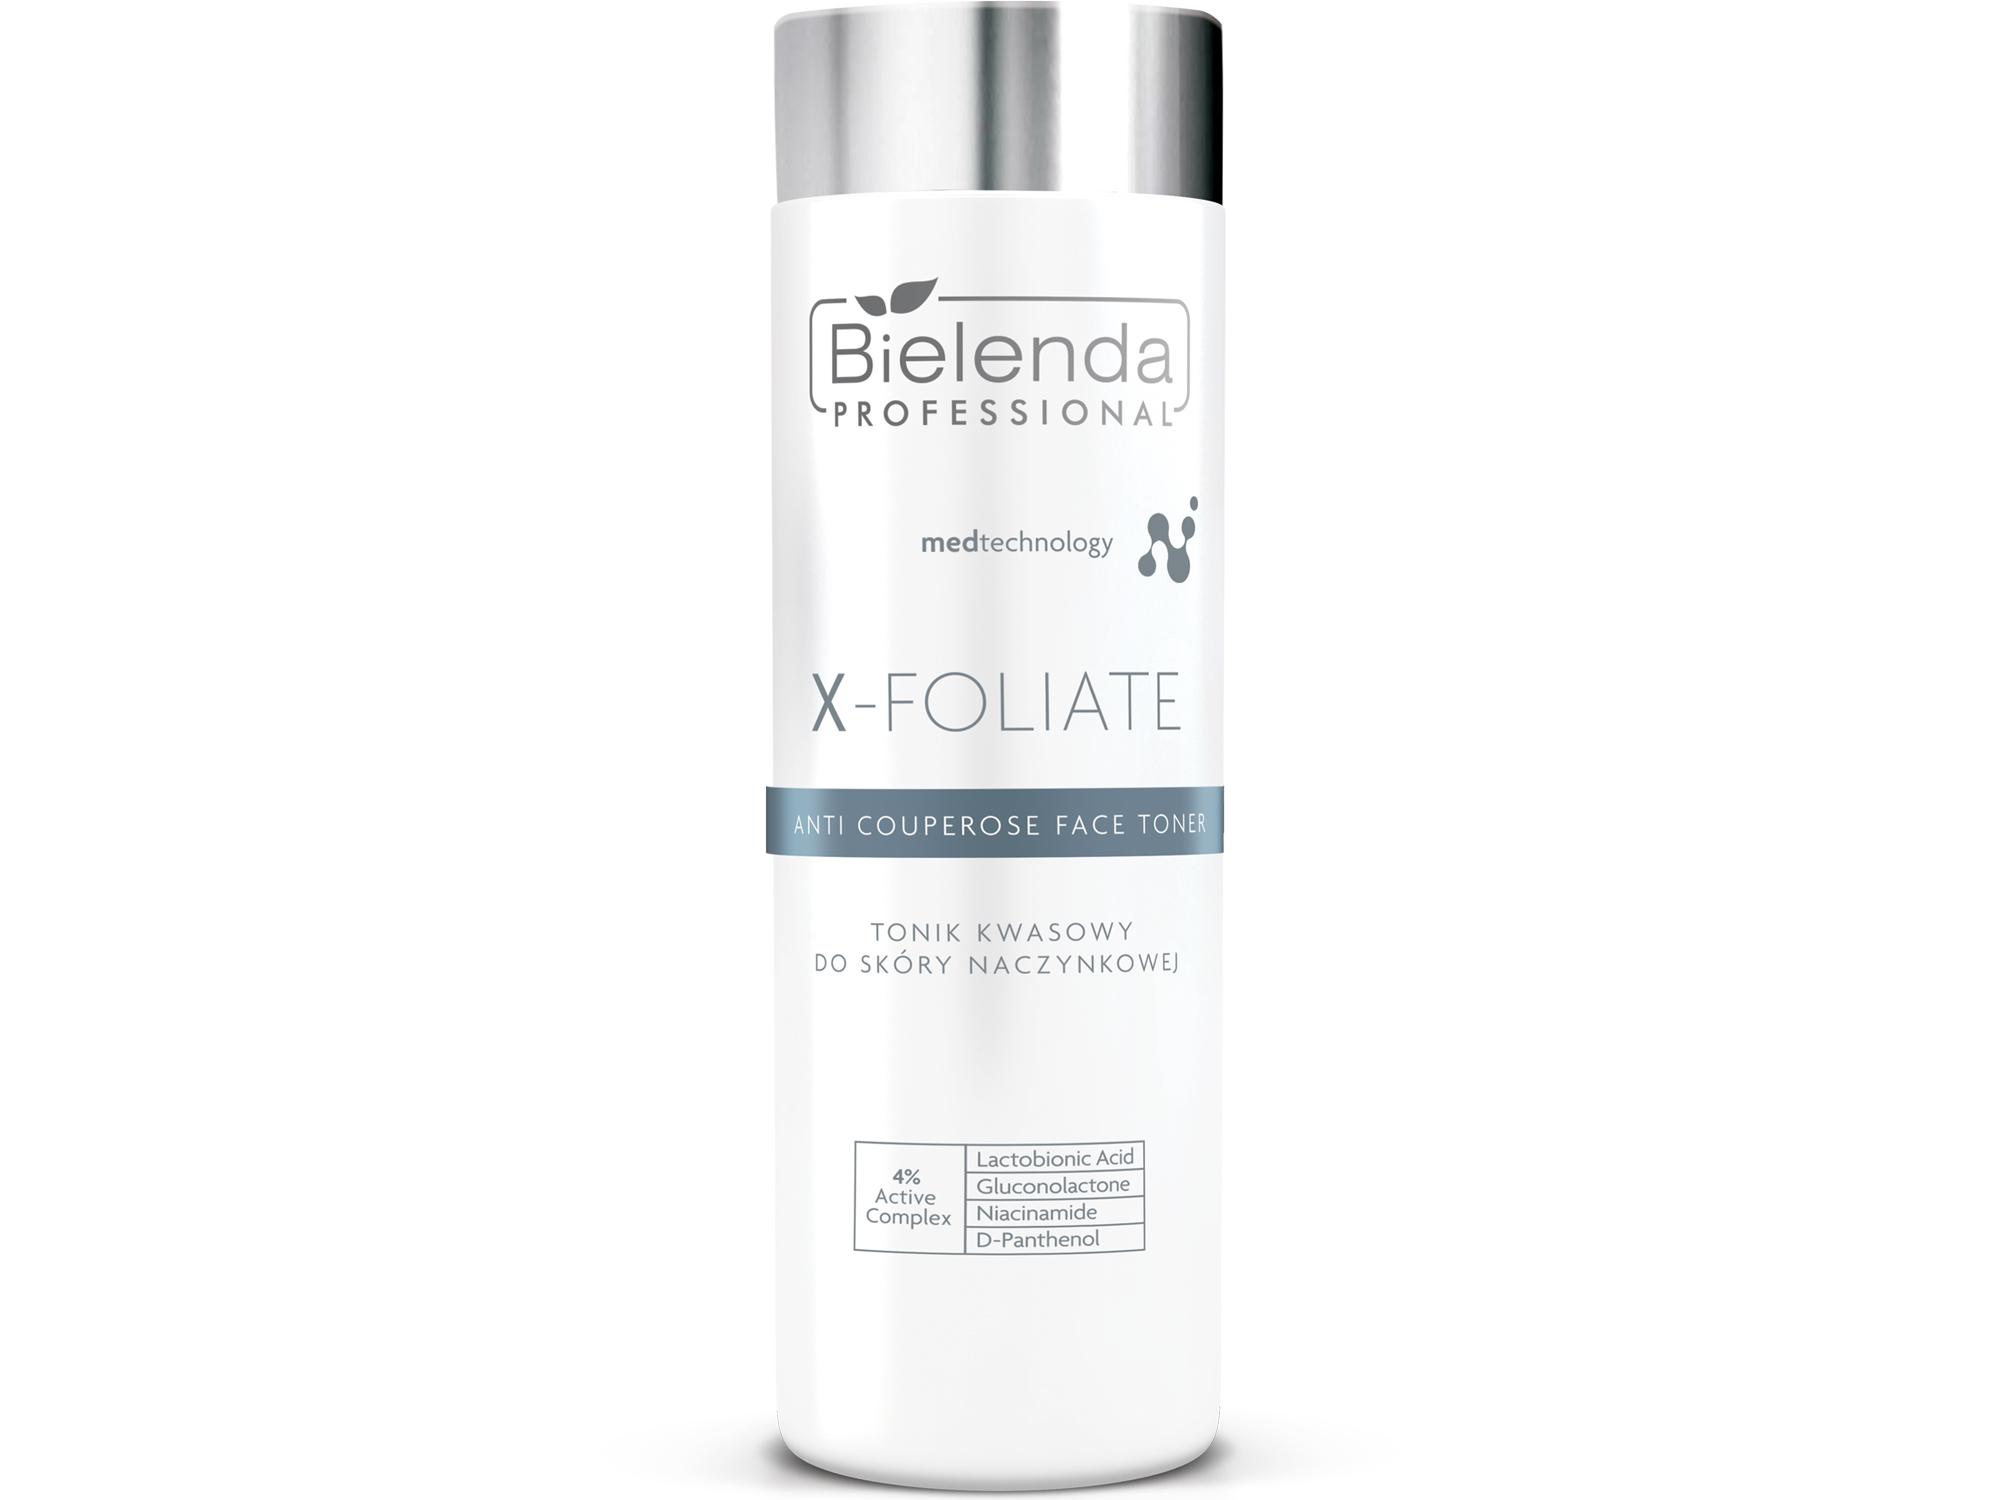 X-FOLIATE Anti Couperose Кислотный тоник для кожи с куперозом